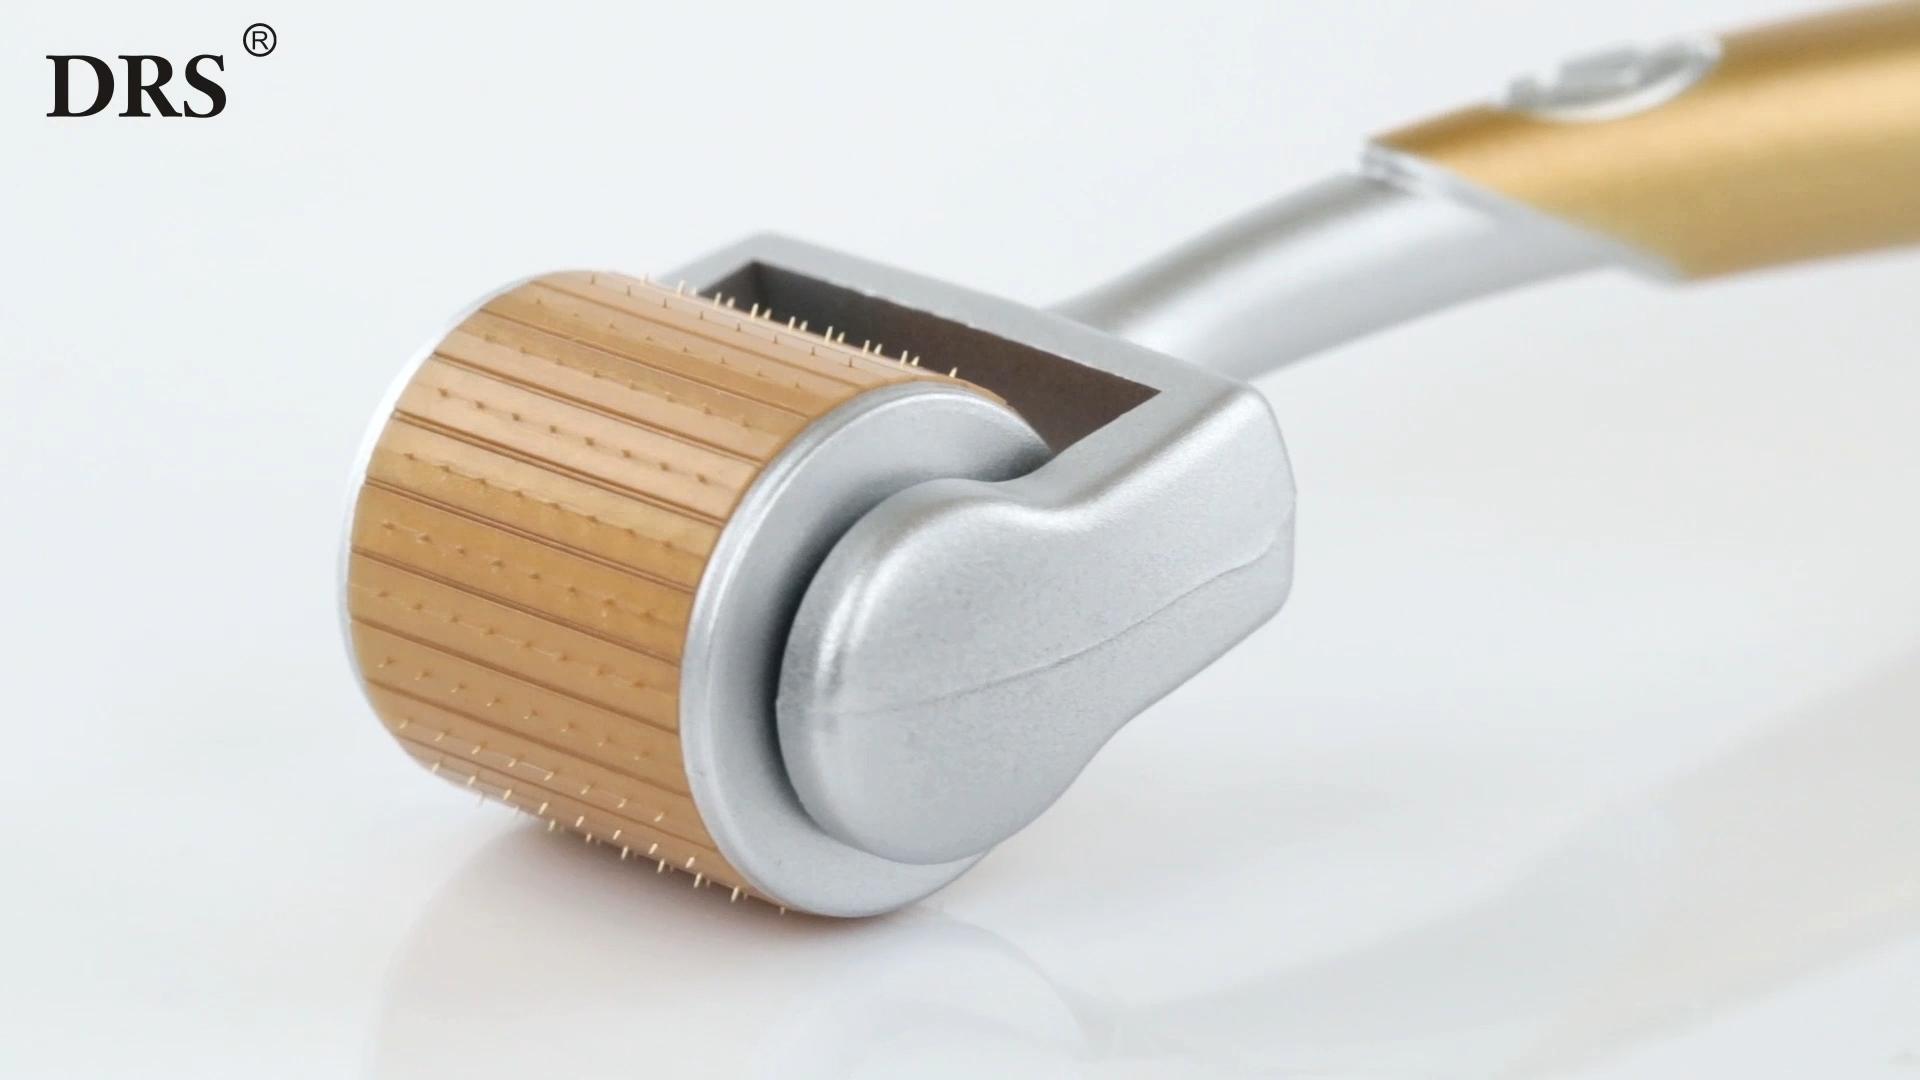 Gtsroller 192 Amazon Best Verkopende Thuisgebruik Microneedle Systeem Gouden Schijf Naalden Medische Grade Derma Roller